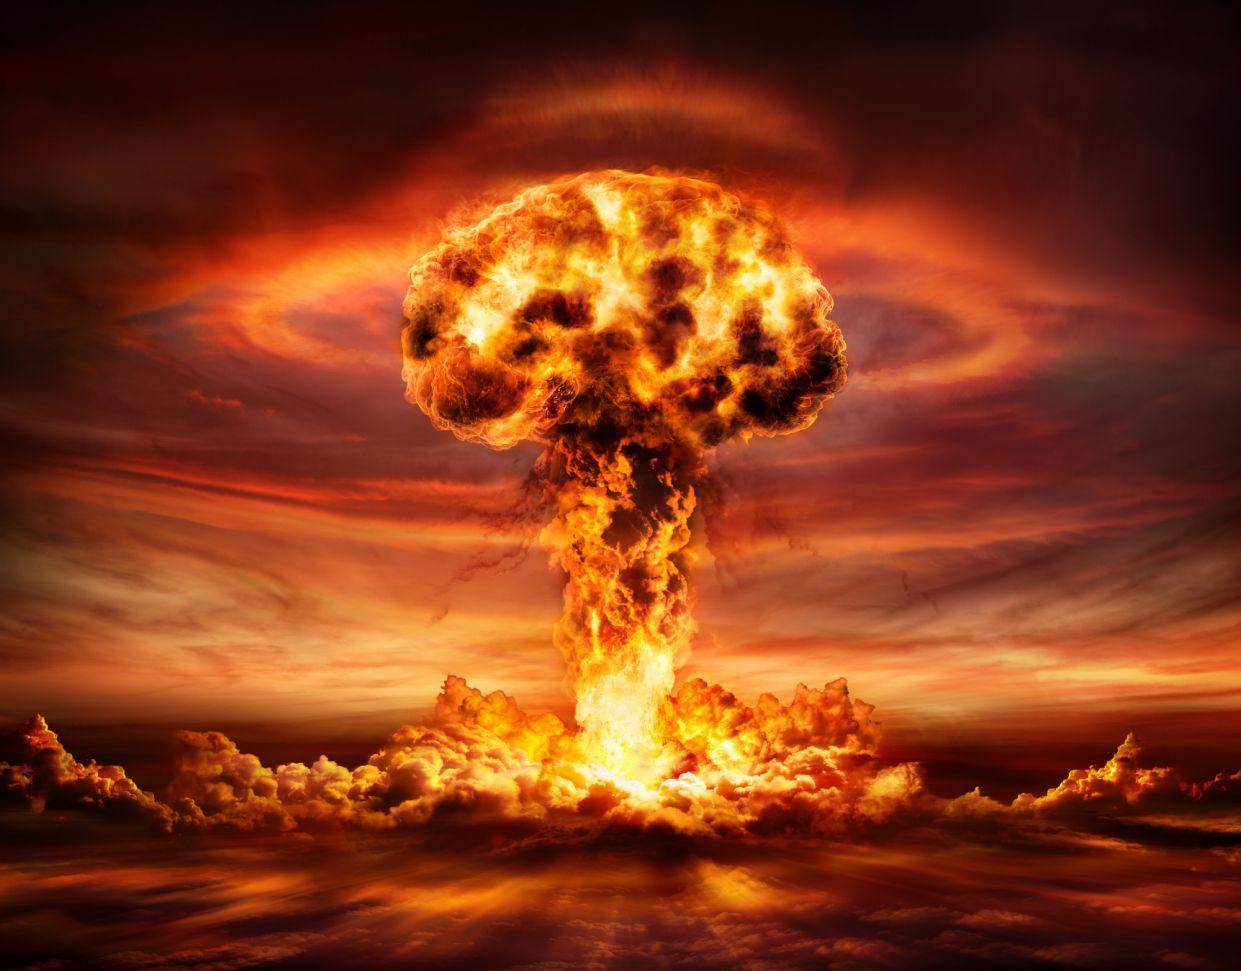 در ادامه این مطلب می خواهیم به بررسی 8 سناریویی که ممکن است به وقوع آخرالزمان و نابودی حیات روی کره زمین و پایان بشریت منتهی شوند را بررسی کنیم.